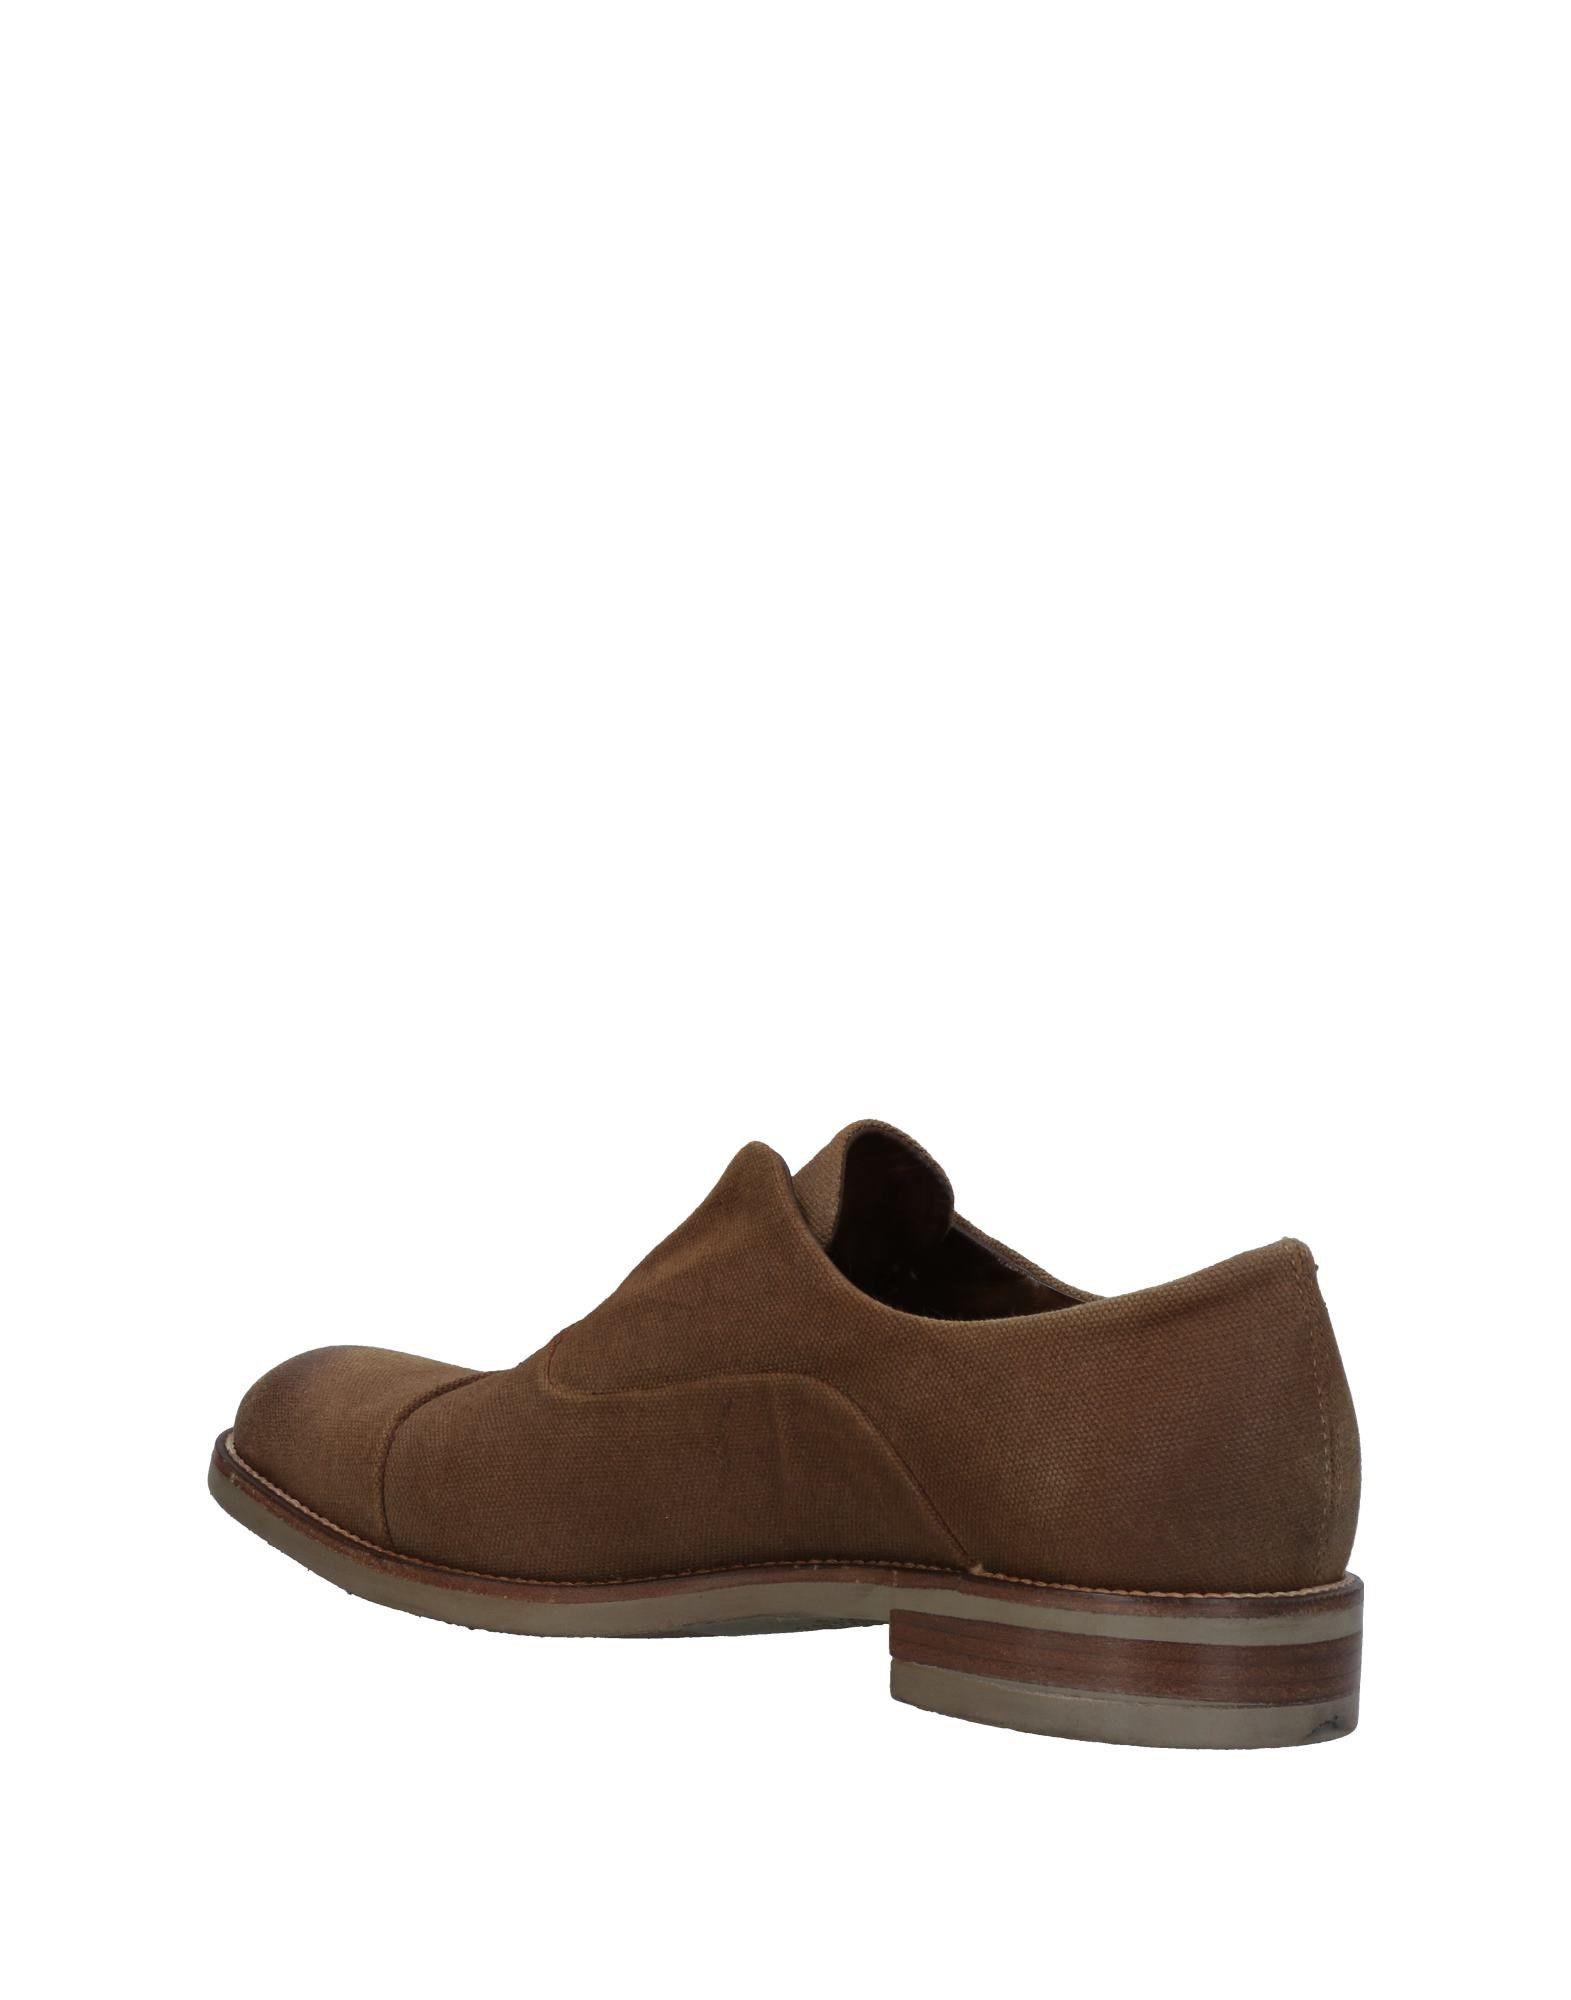 Rabatt Varvatos echte Schuhe John Varvatos Rabatt Mokassins Herren  11440650SS 1e8d44